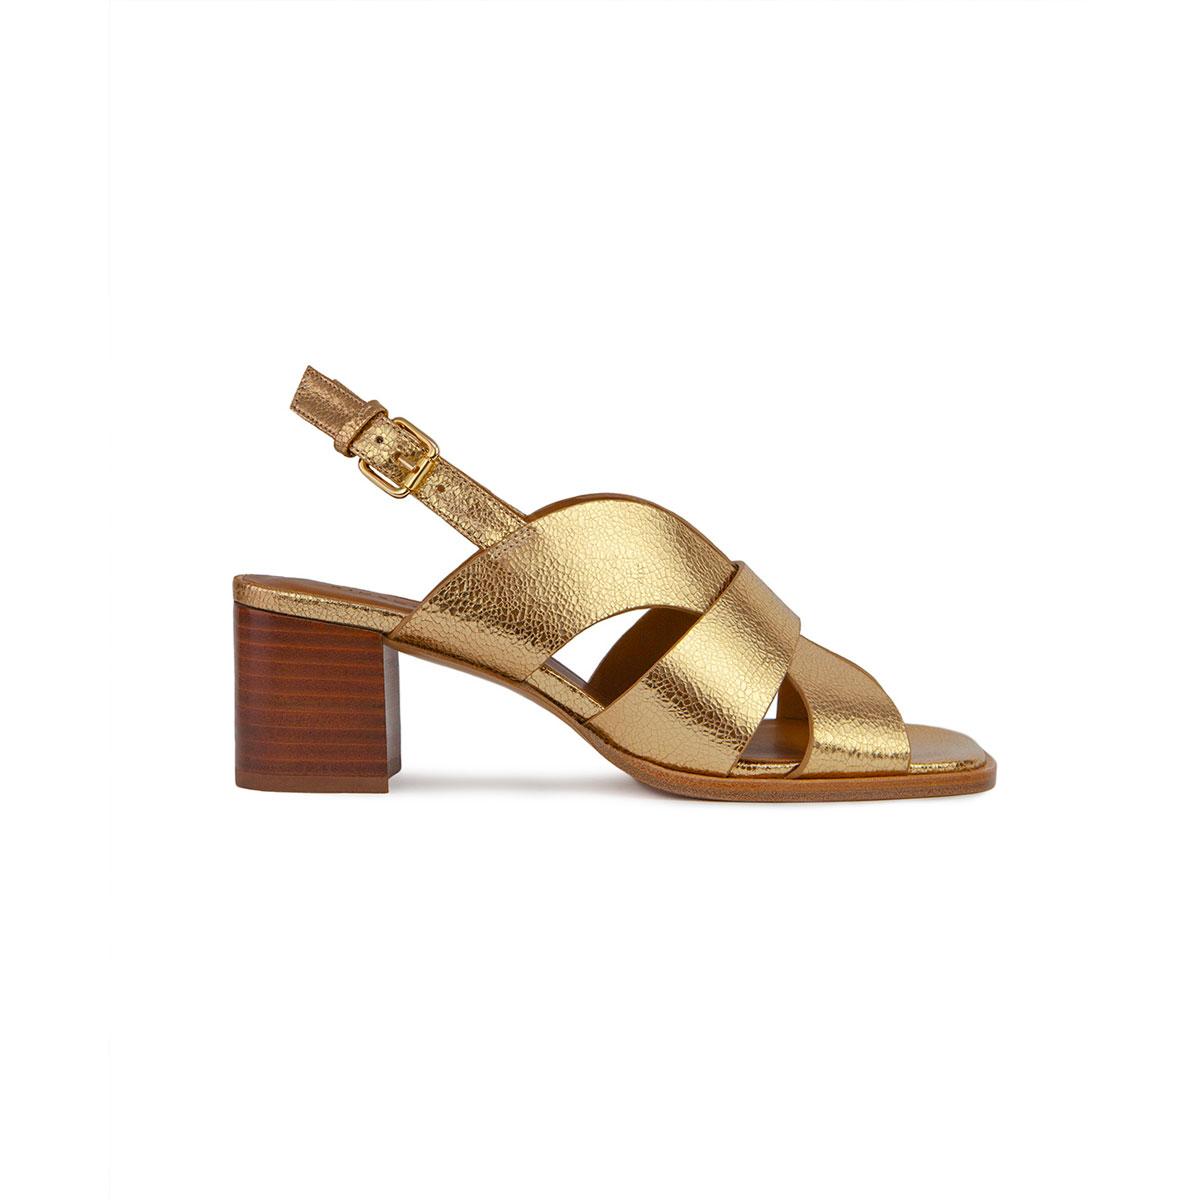 RIVECOUR Sandales 551 gold